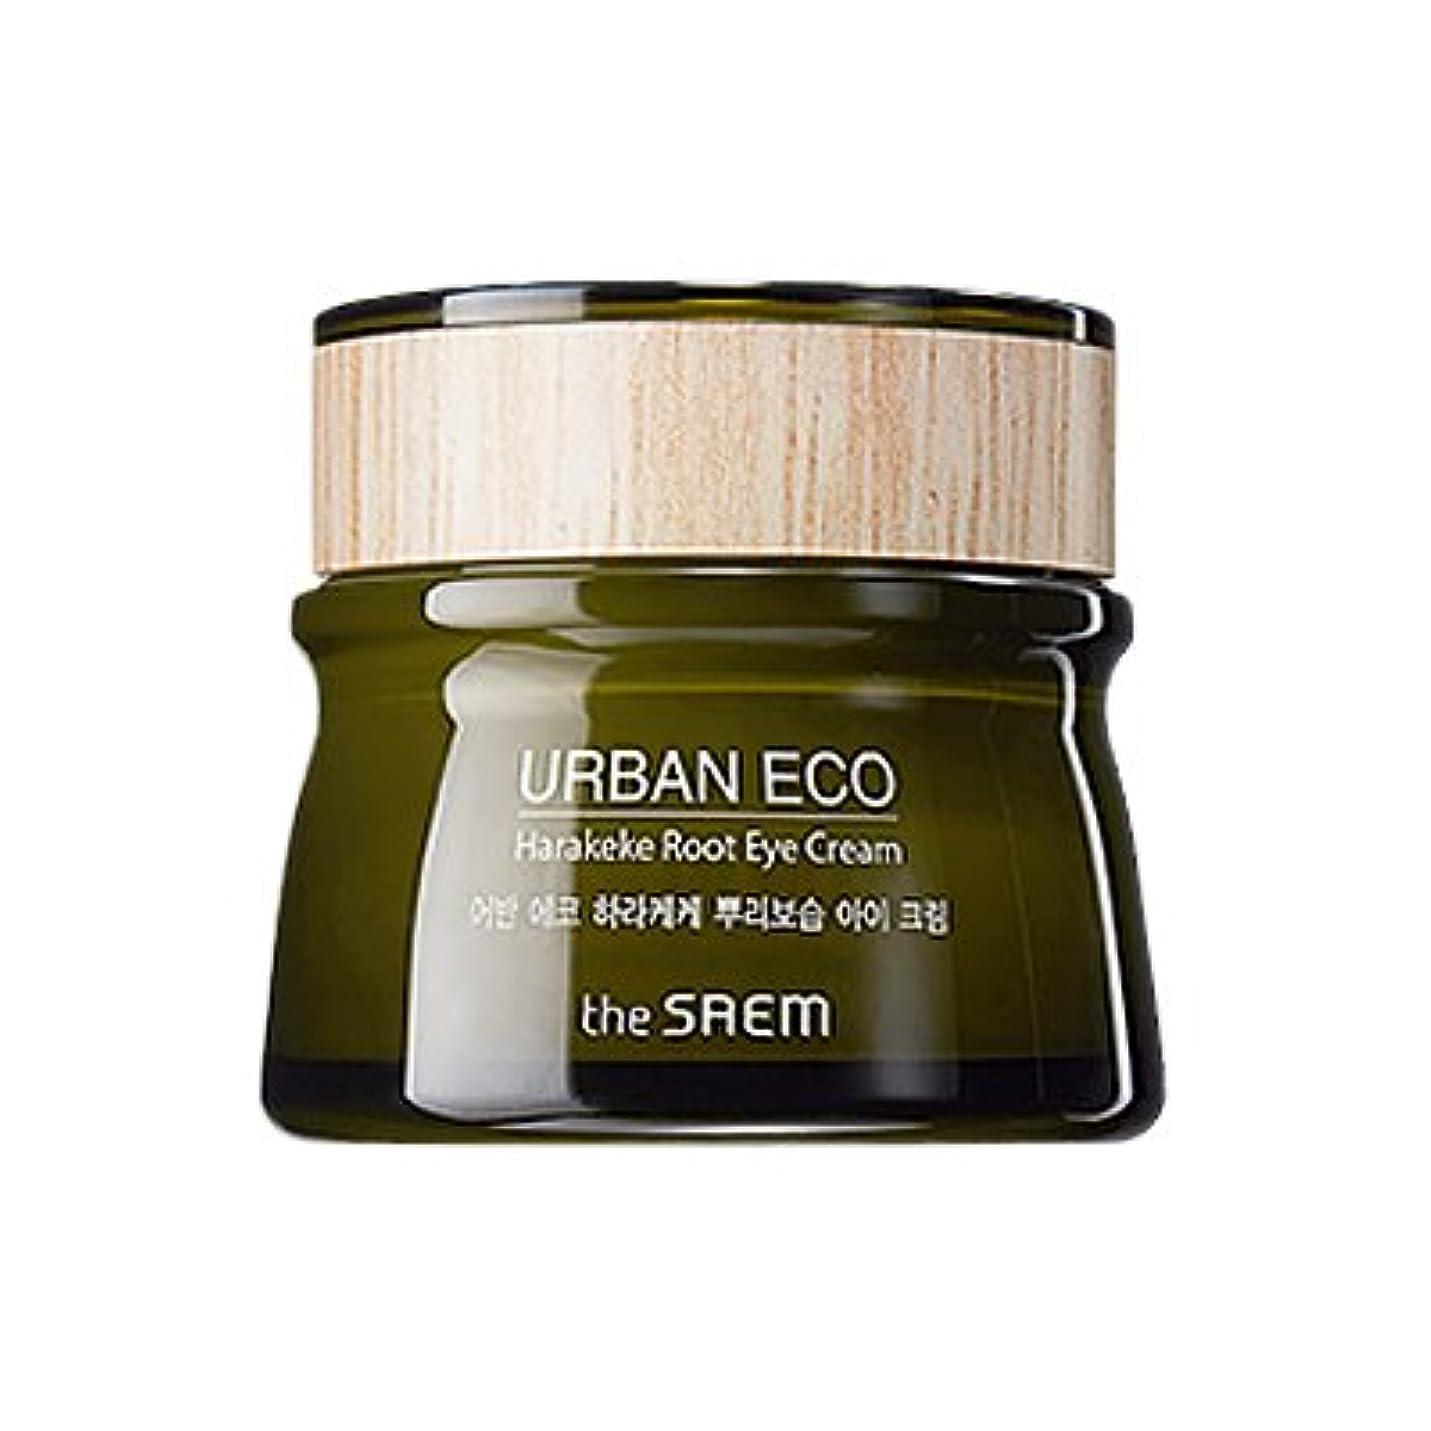 苛性切手実施するThe SAEM Urban Eco Harakeke Root Eye Creamザセムアーバンエコハラケケ根保湿アイクリーム [並行輸入品]